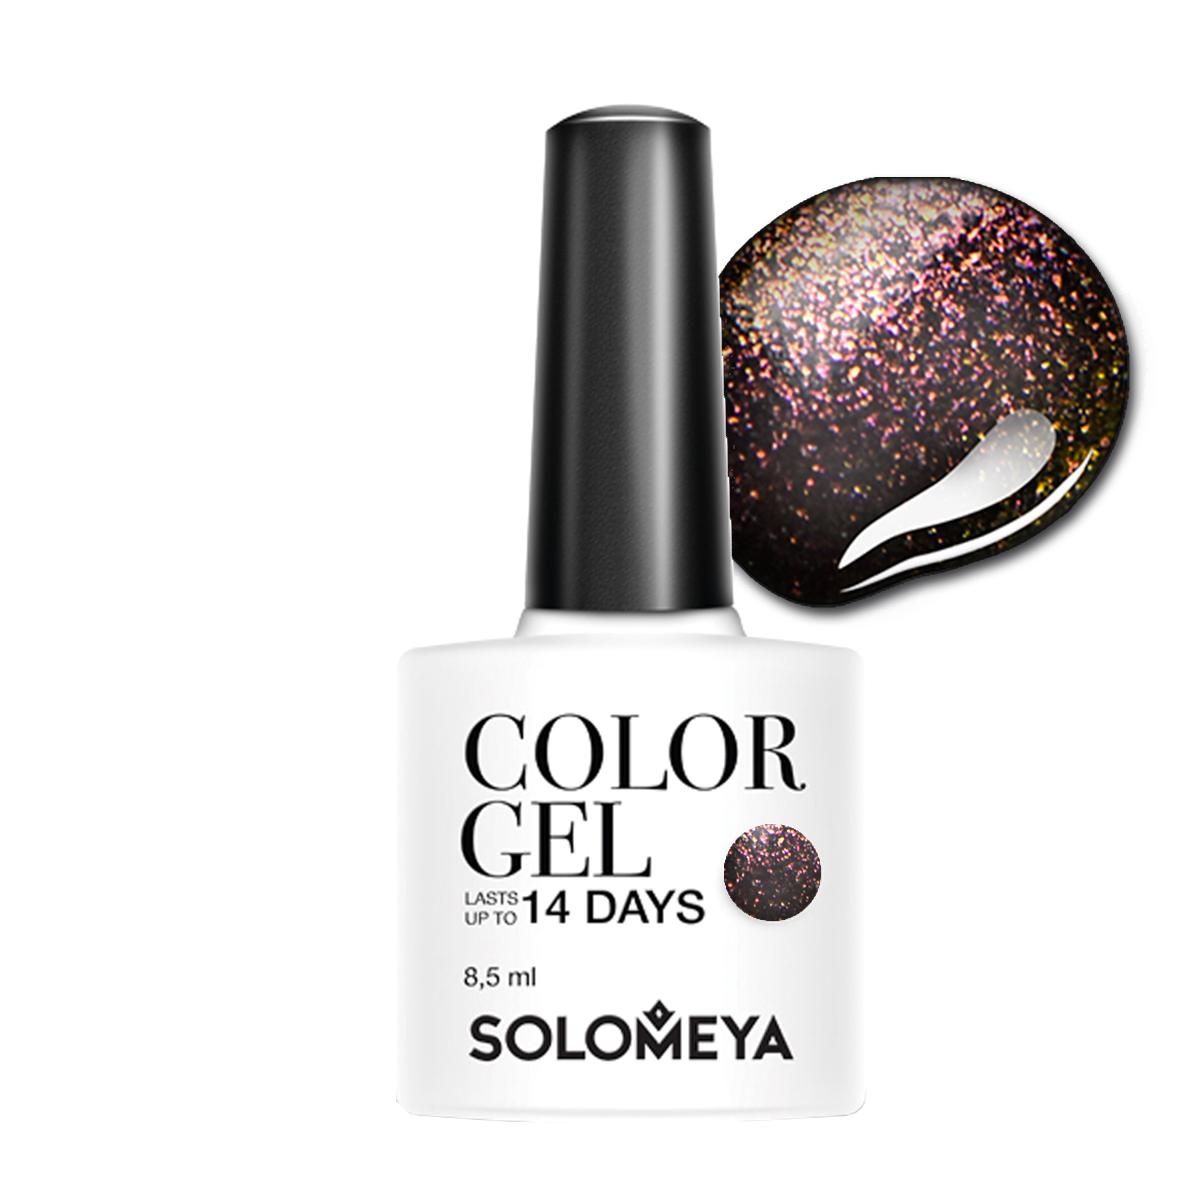 SOLOMEYA Гель-лак Solomeya Color Gel Stardust SCGС022/Звездная пыль 8,5 млГель-лаки<br>Гель-лак Color Gel Solomeya подарит маникюру яркость, палитру из 100 оттенков и стойкость до 21 дня. Благодаря оптимальной консистенции он легко и равномерно наносится, не оставляя пузырьков и проплешин. В состав гель-лака входят качественные красители, обеспечивающие высокую пигментированность каждого оттенка. Не содержит толуол, растворители и отвердители. Способ применения: поверх базового геля нанесите 1 тонкий слой средства, запечатывая торцы ногтей, и просушите в UV-лампе (36 Вт) 1 минуту или в LED-лампе - 30 секунд. Затем нанесите второй слой цветного гель-лака, также запечатывая торцы ногтей, и просушите в UV-лампе (36 Вт) 1 минуту или в LED-лампе - 30 секунд.<br><br>Цвет: Коричневые